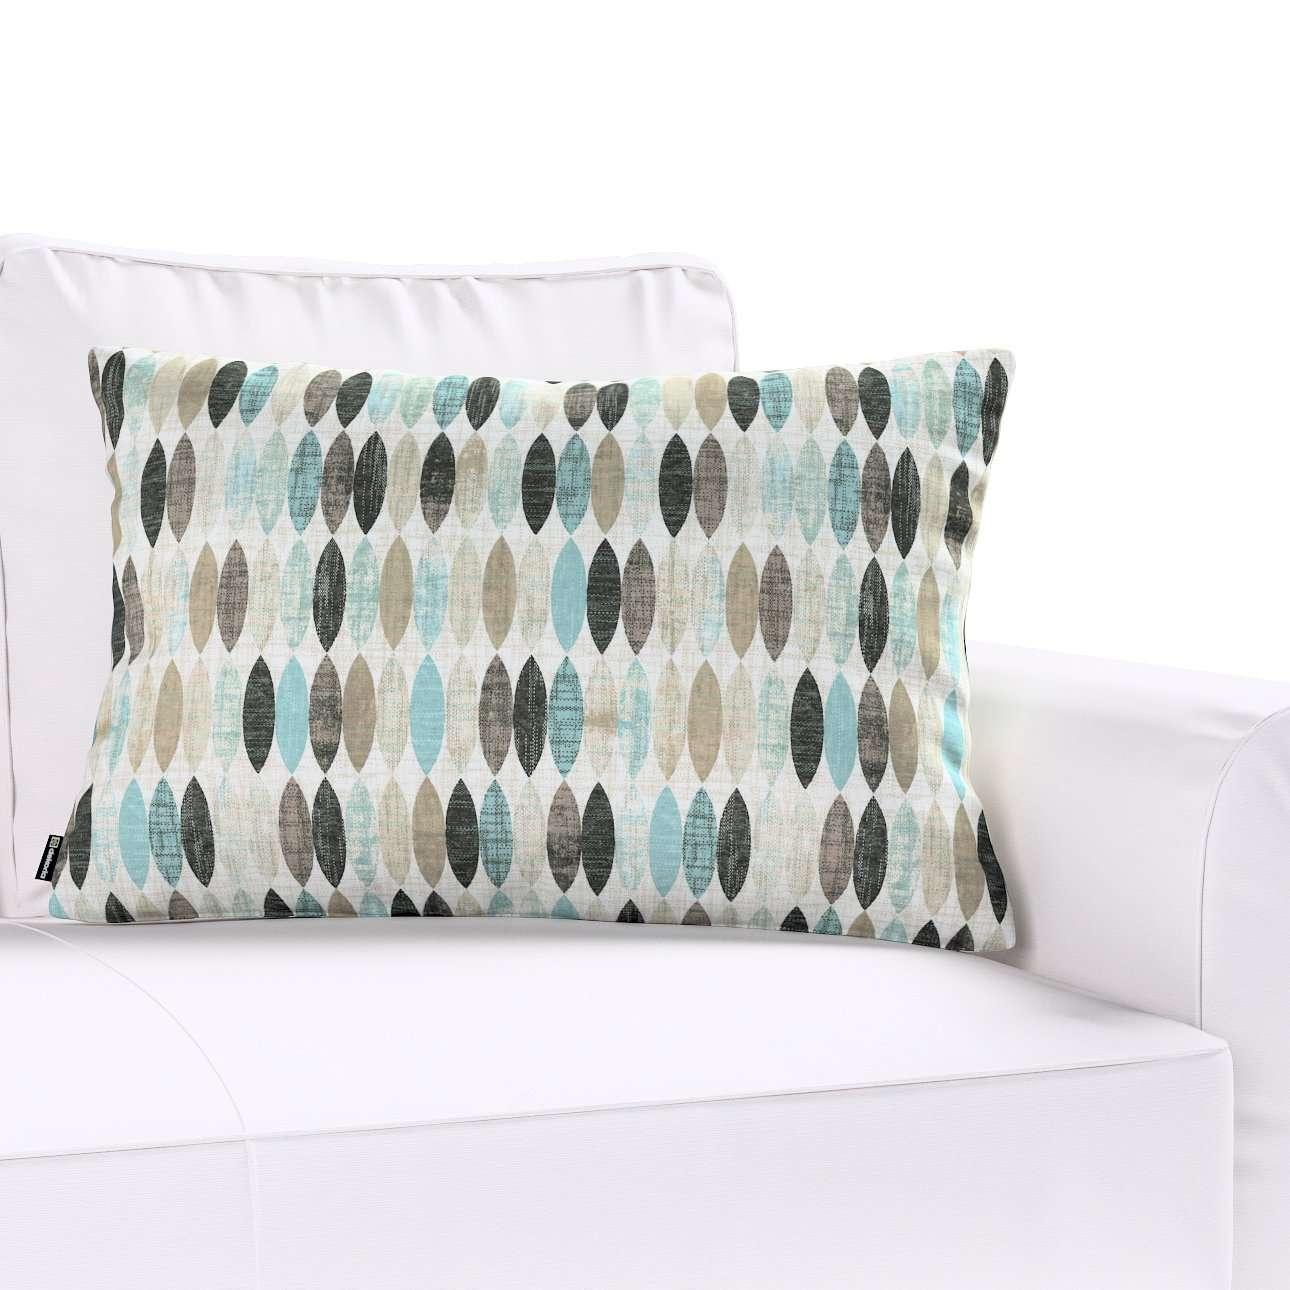 Poszewka Kinga na poduszkę prostokątną w kolekcji Modern, tkanina: 141-91